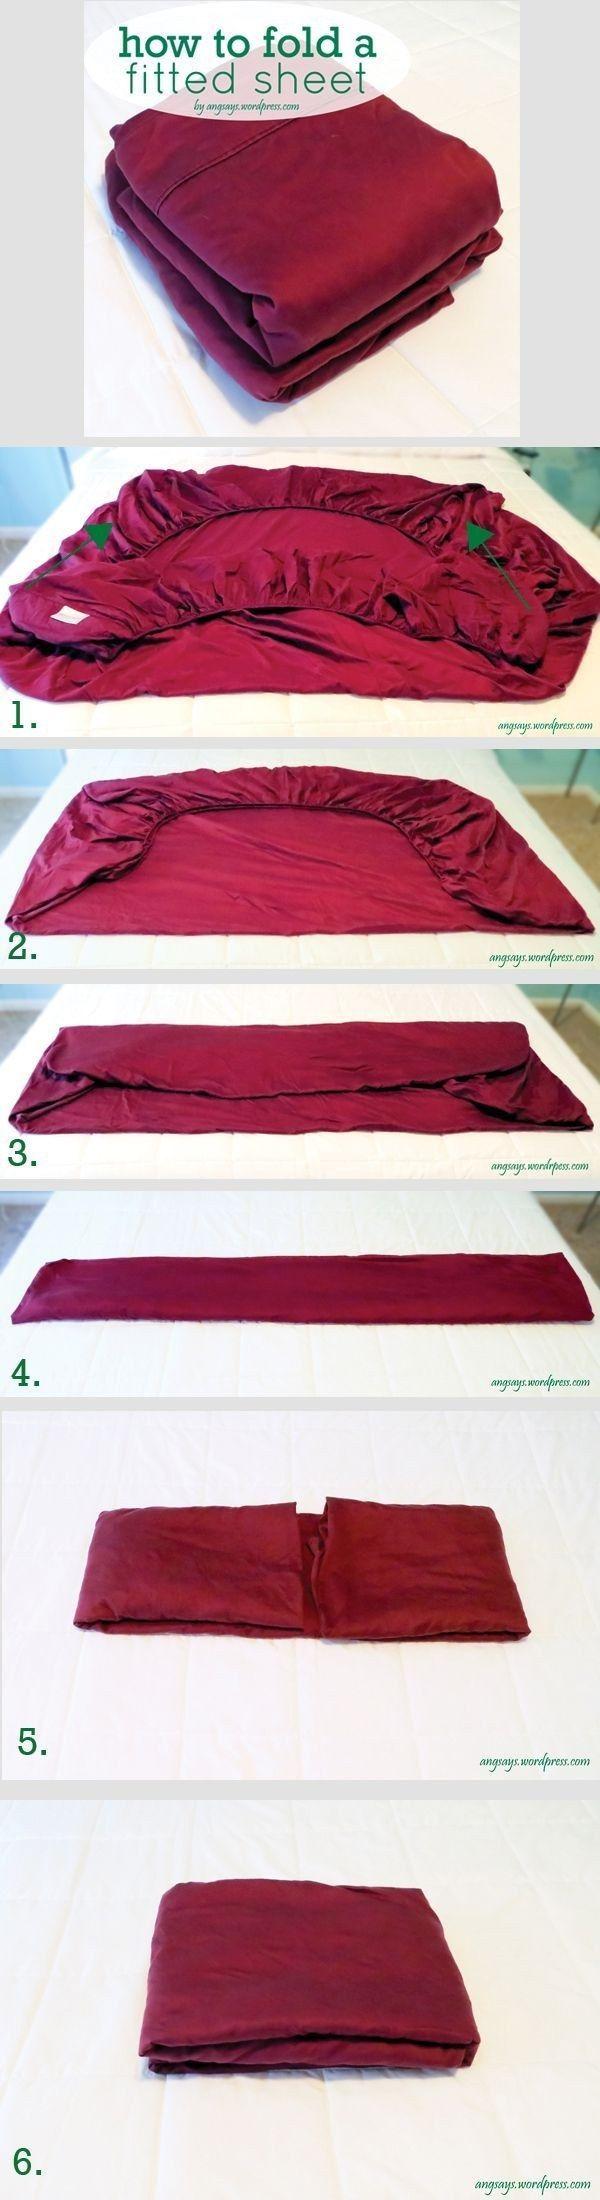 Folding stuff: A Fitted Sheet